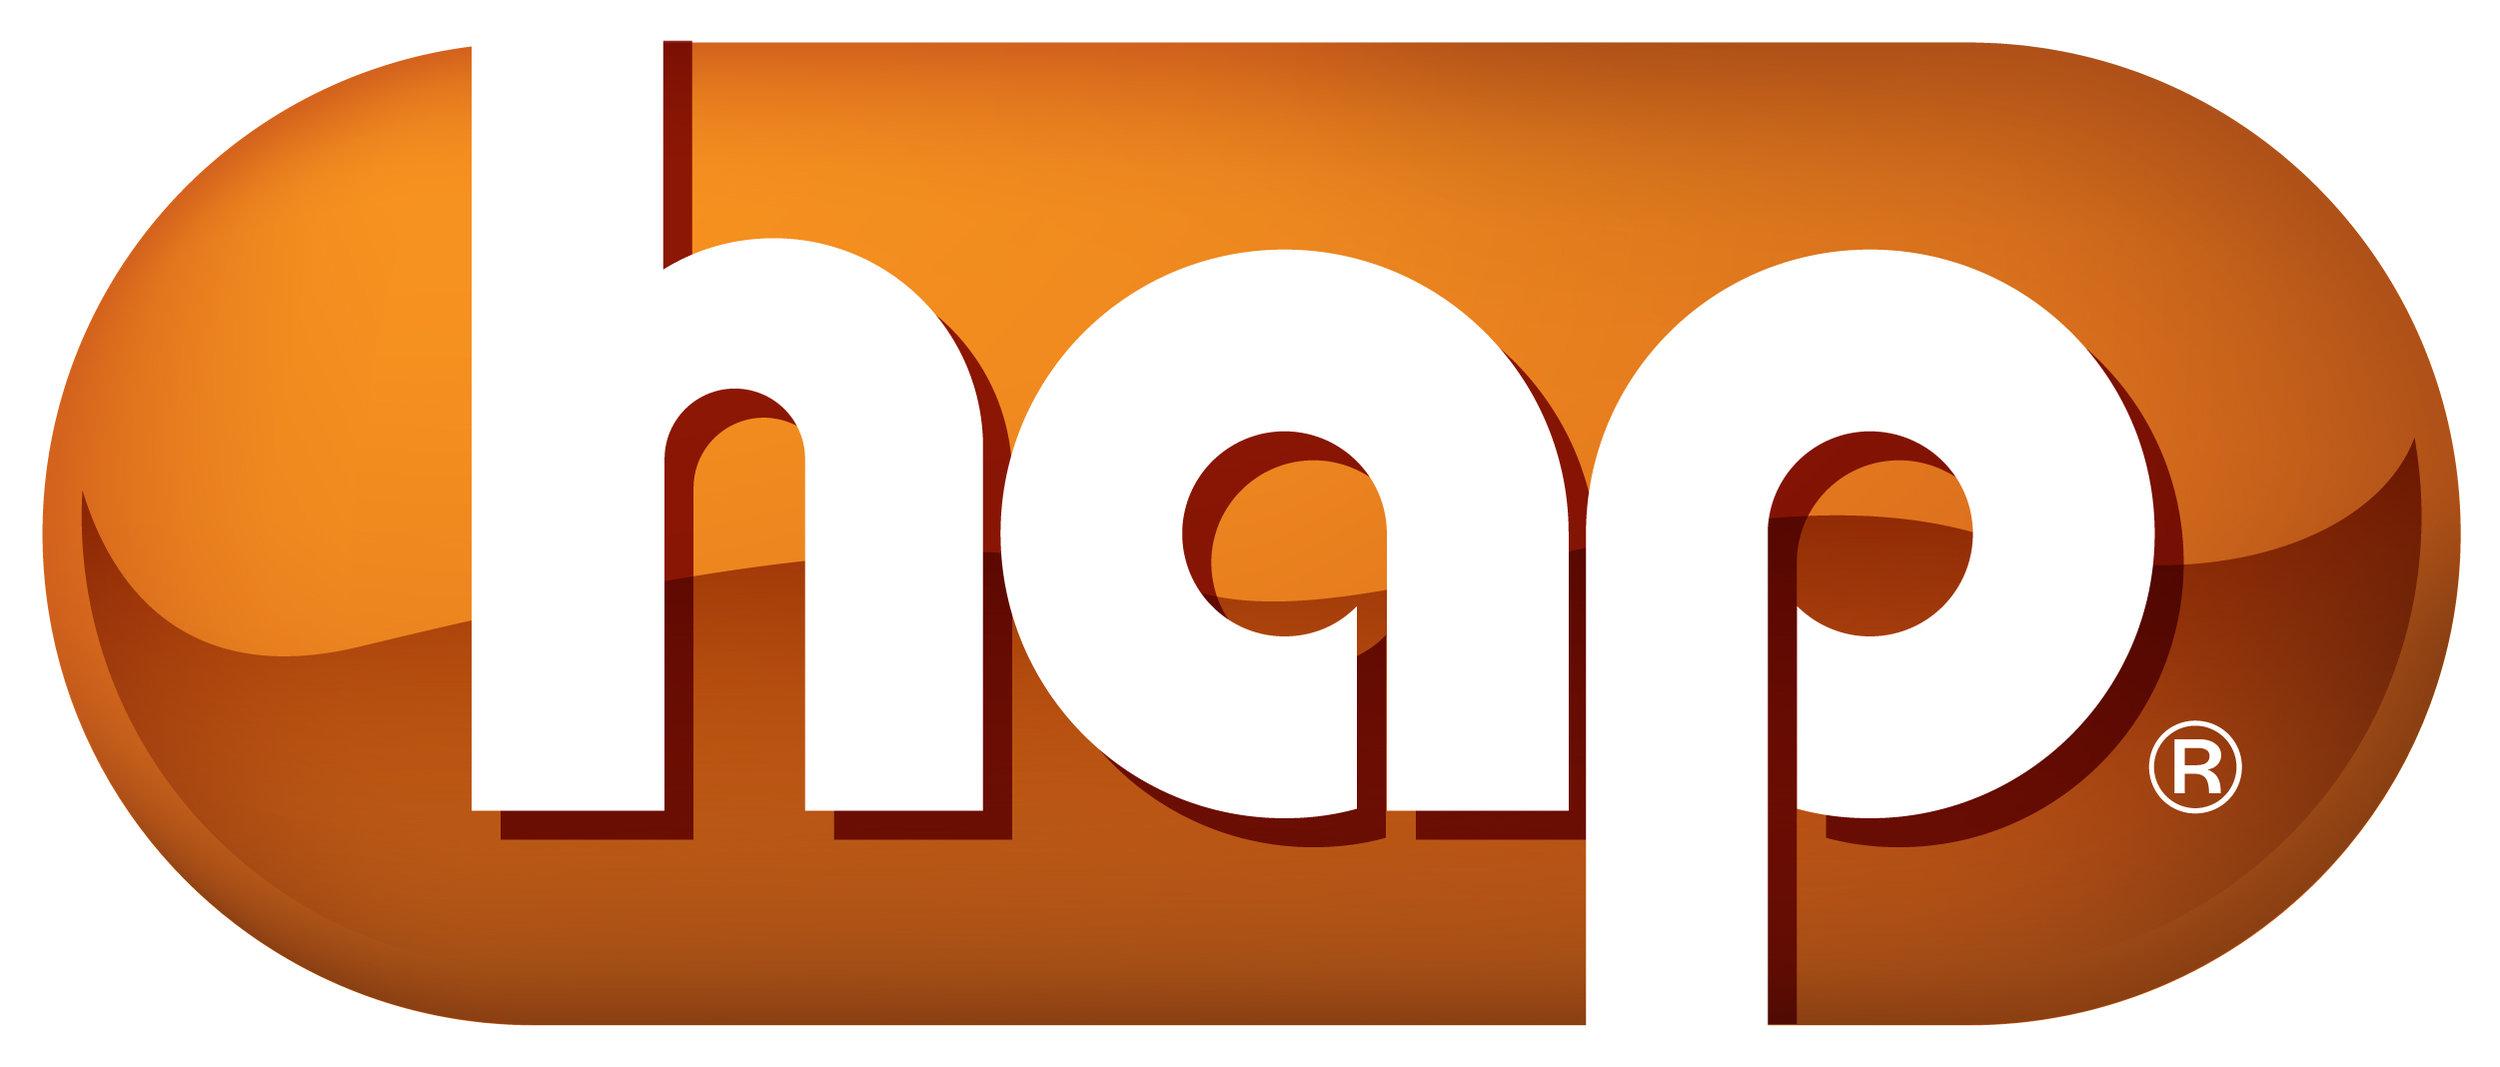 hap-logo.jpg